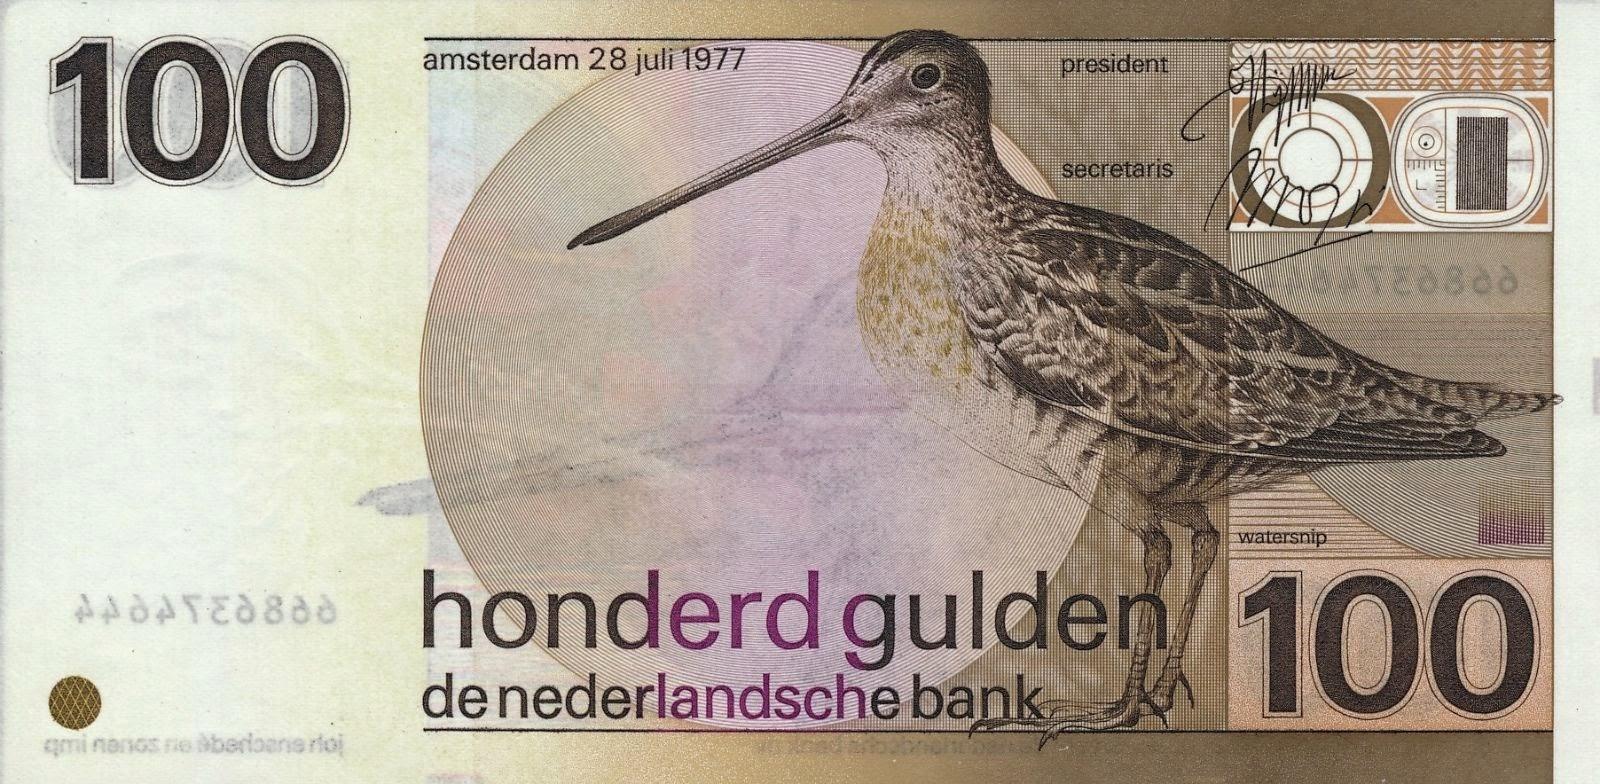 Netherlands Banknotes 100 Gulden Banknote 1977 Snipe